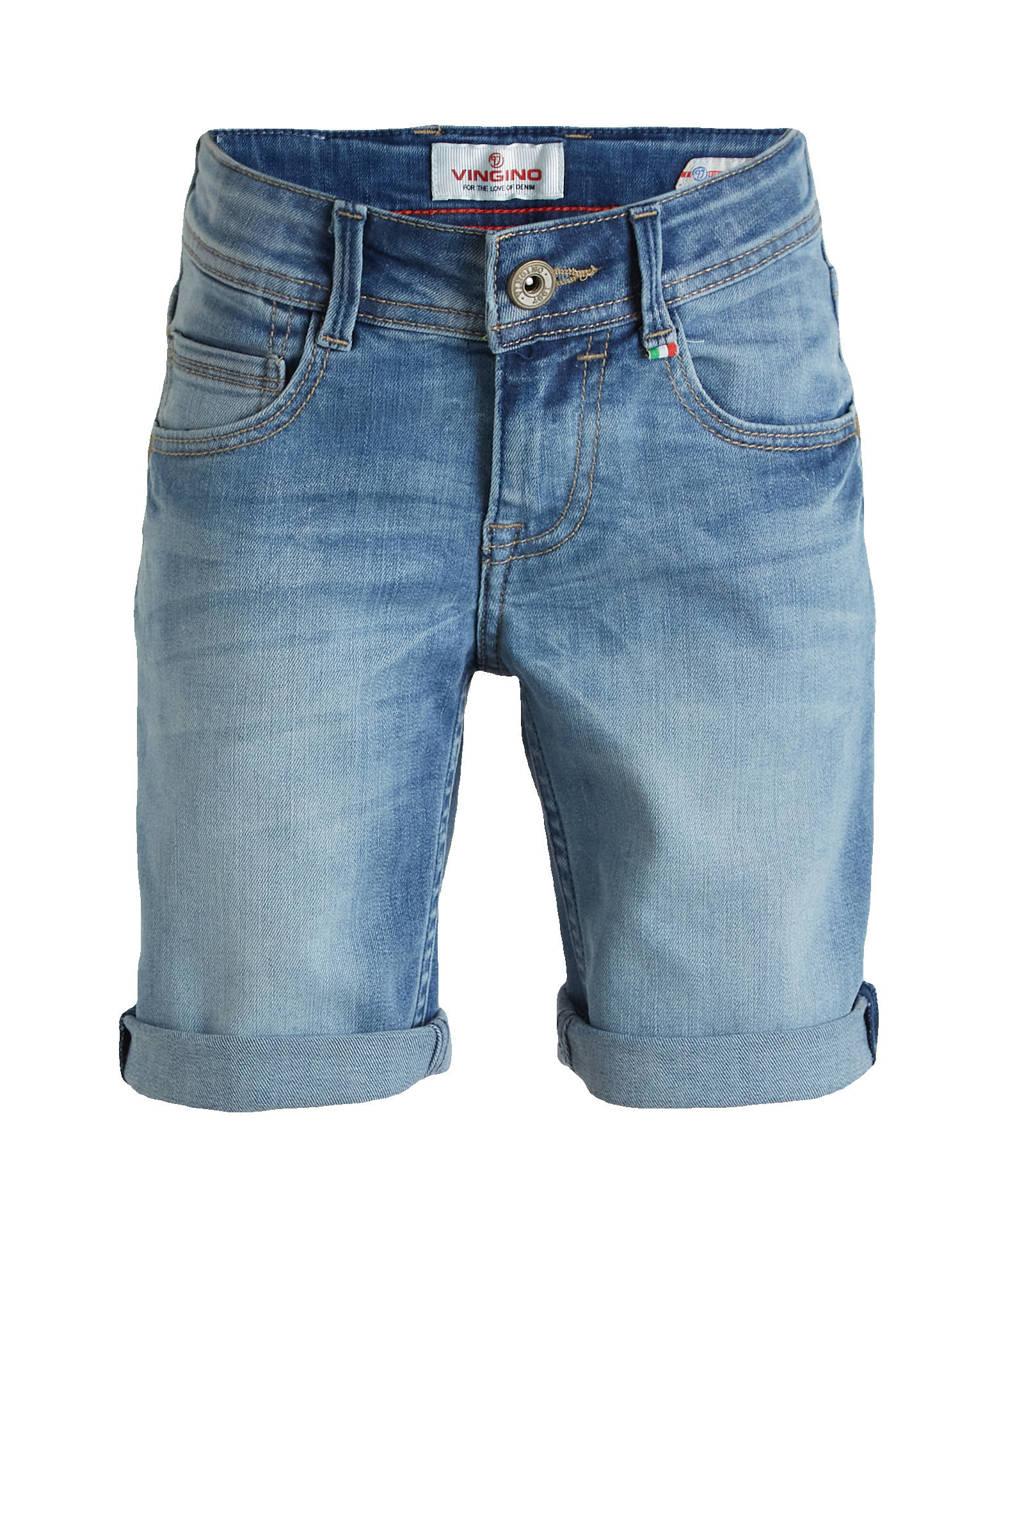 Vingino jeans bermuda Claas light vintage, Light vintage